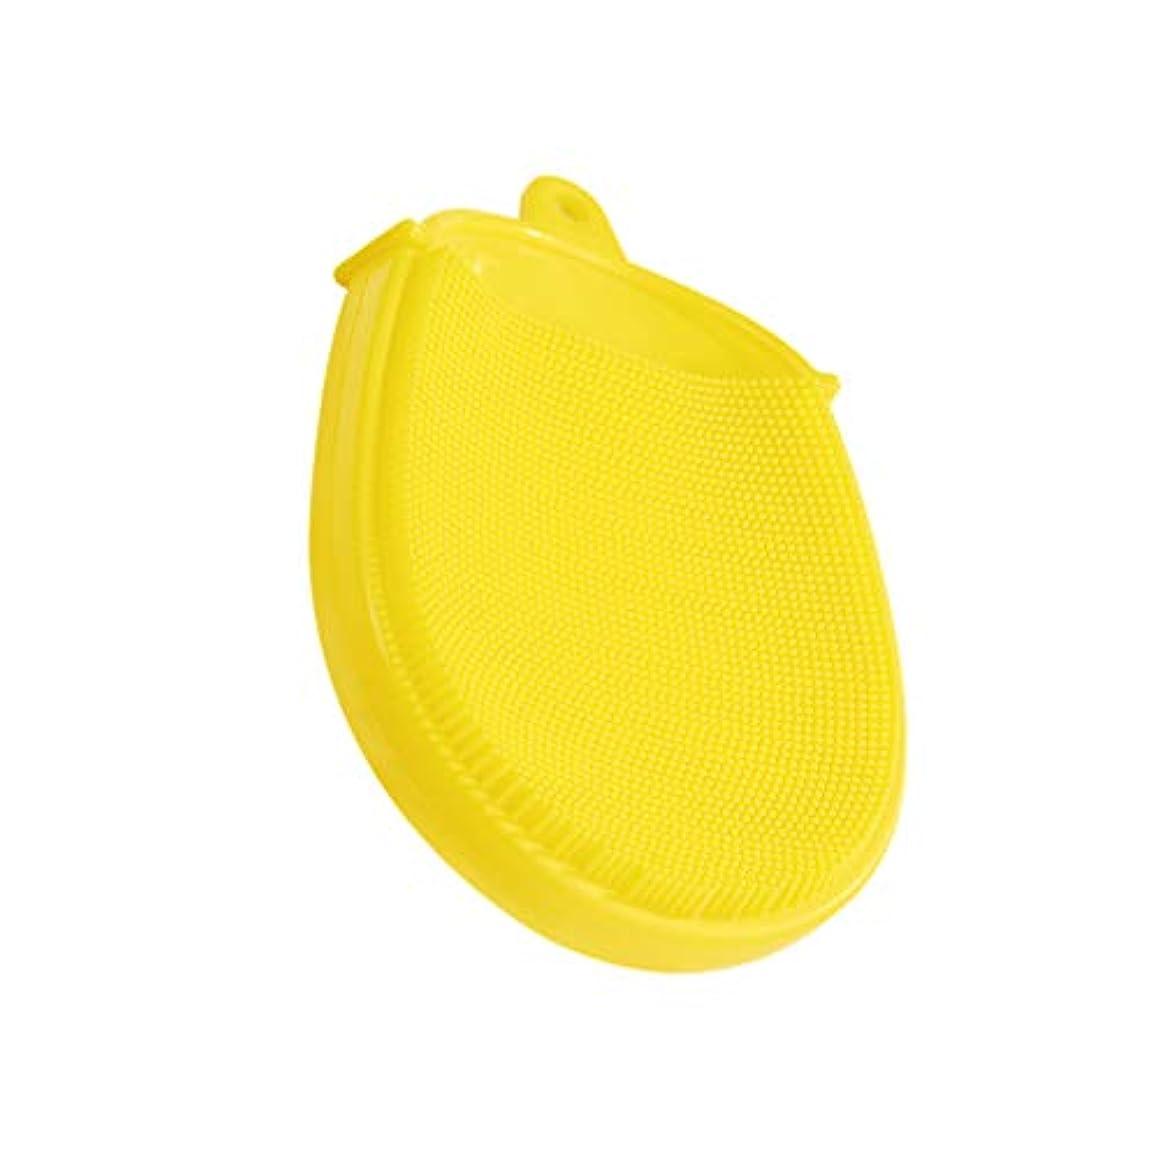 さておき味方機関Heallily バスブラシシリコンボディブラシソフトマッサージバックブラシクレンジングスクラバーキッズバスアクセサリー(黄色)